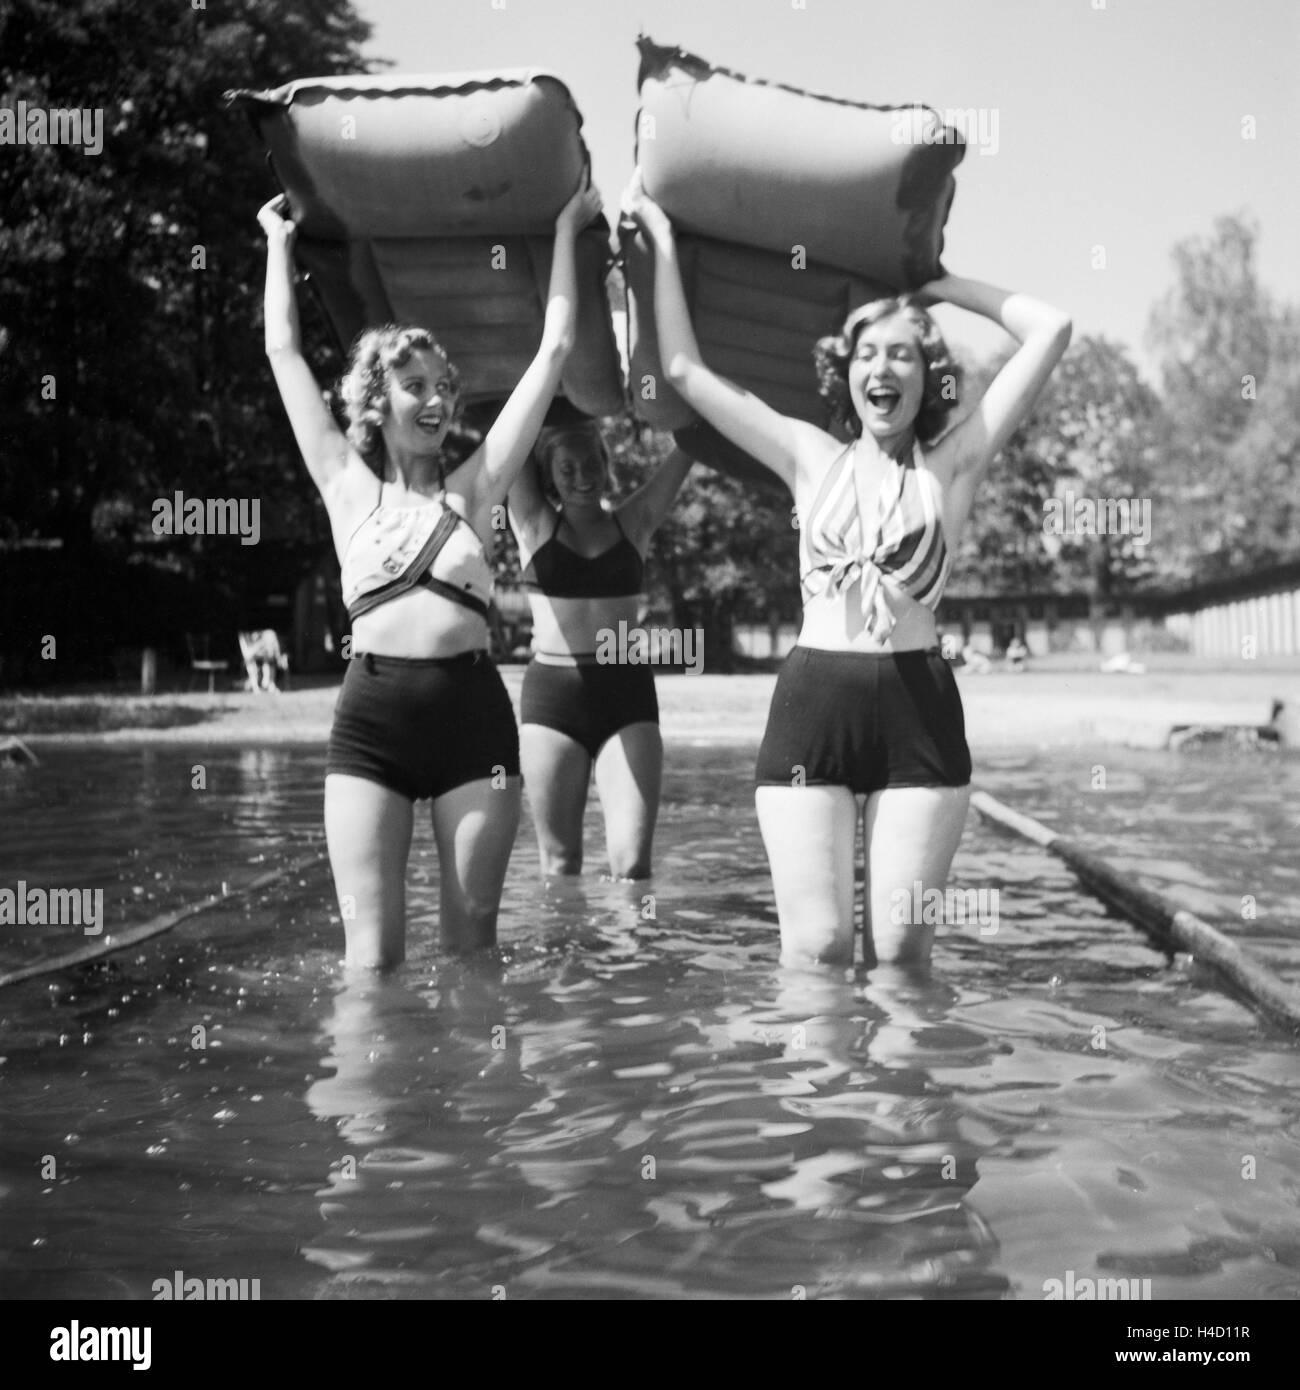 Drei Junge Frauen einrenken Ihre Luftmatratzen in Einen in der Wachau in Österreich, Deutschland 1930e Jahre Stockbild